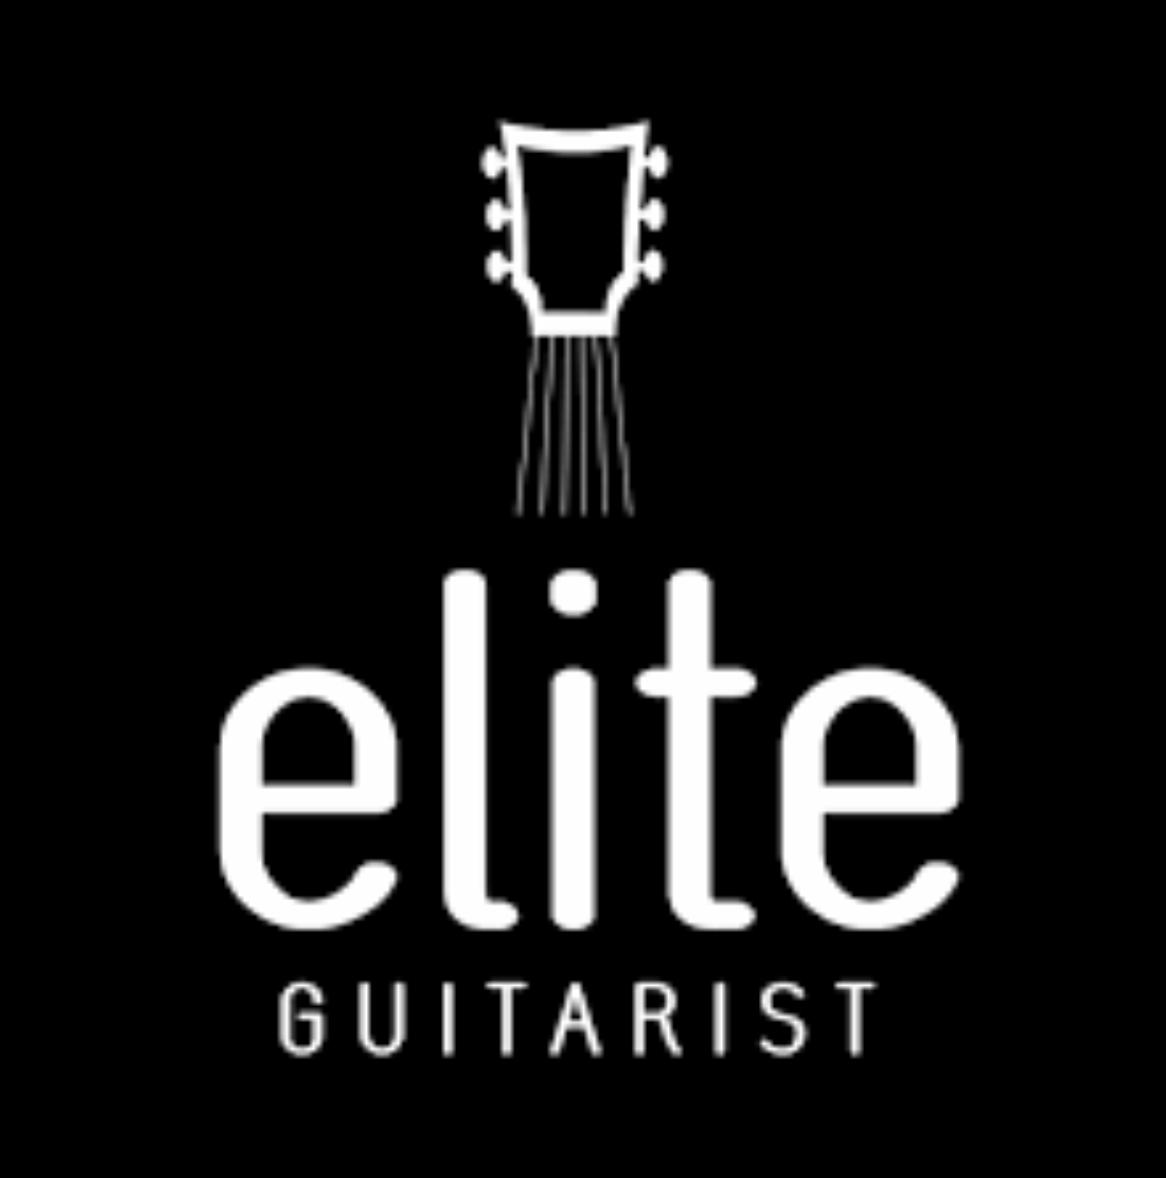 Elite Guitarist 30 Tage kostenloser Zugang